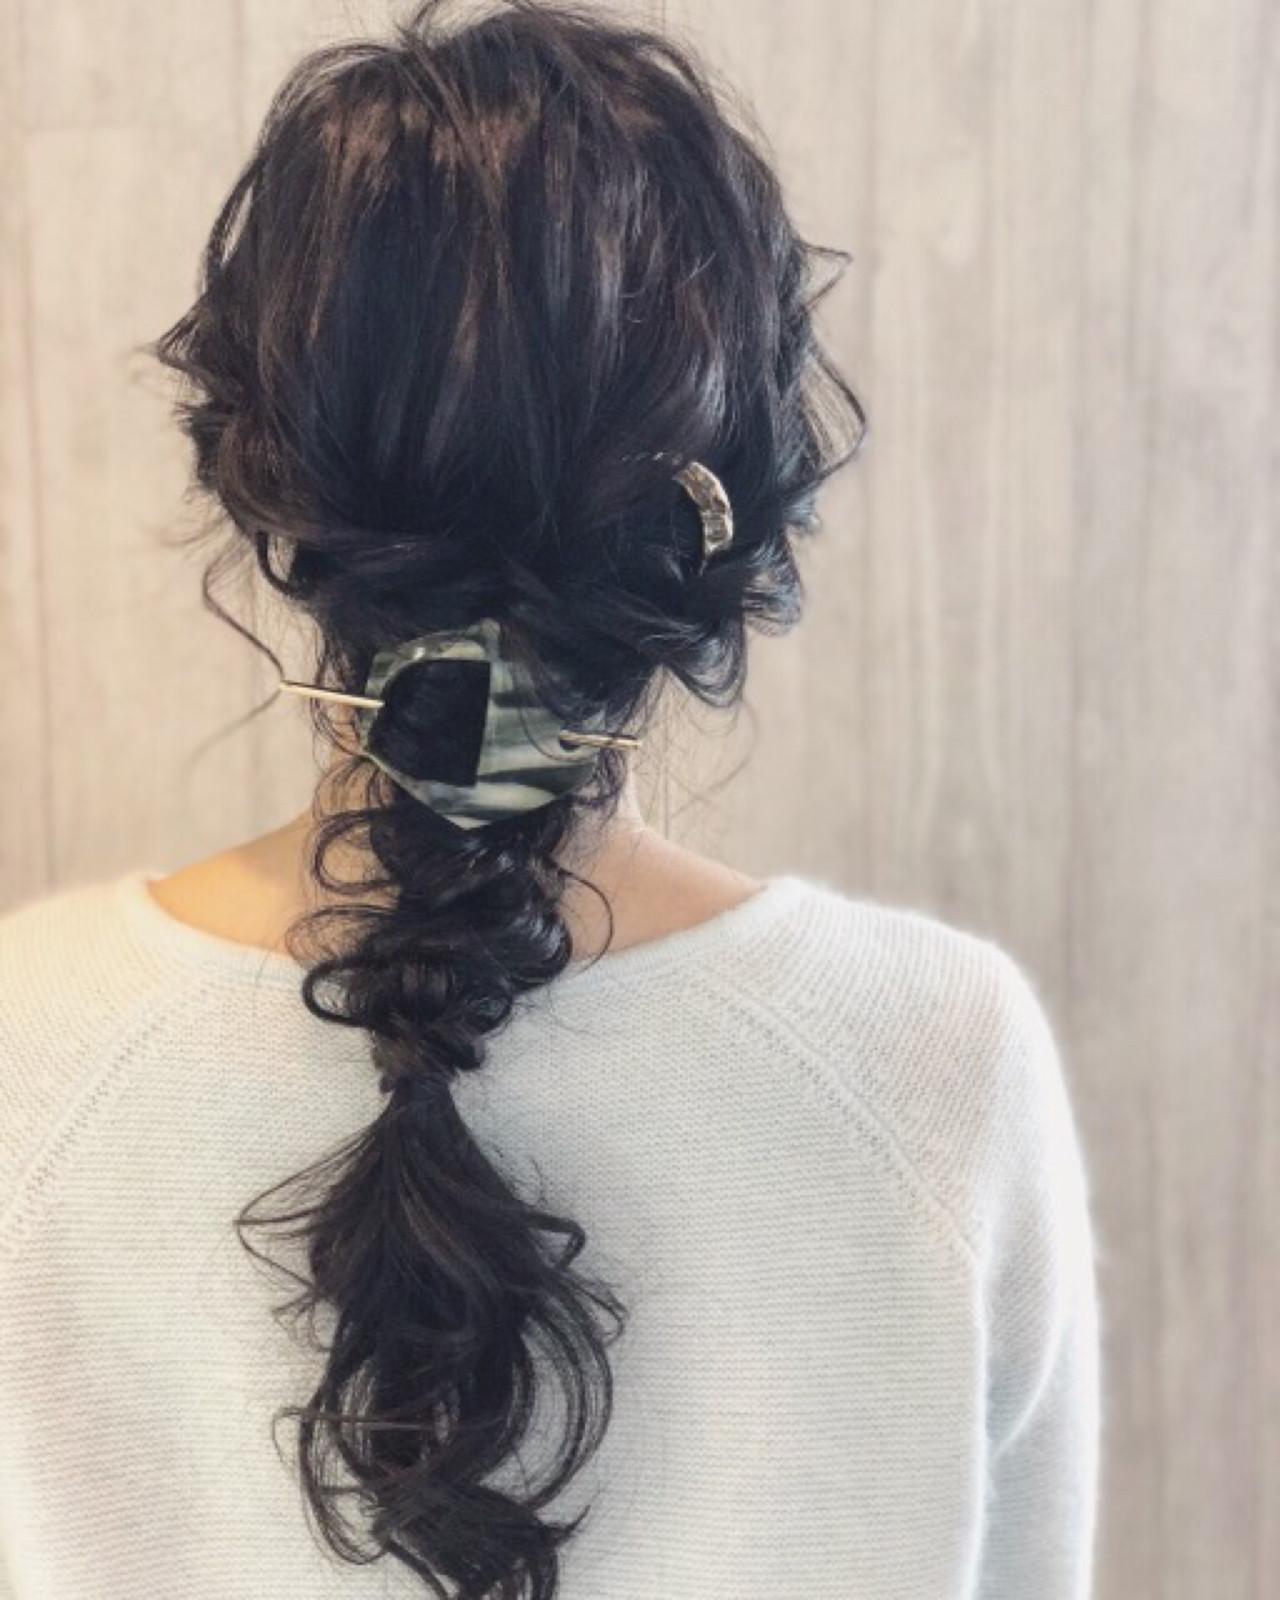 バレッタやマジェステなどの髪留め 宮田 恵里香